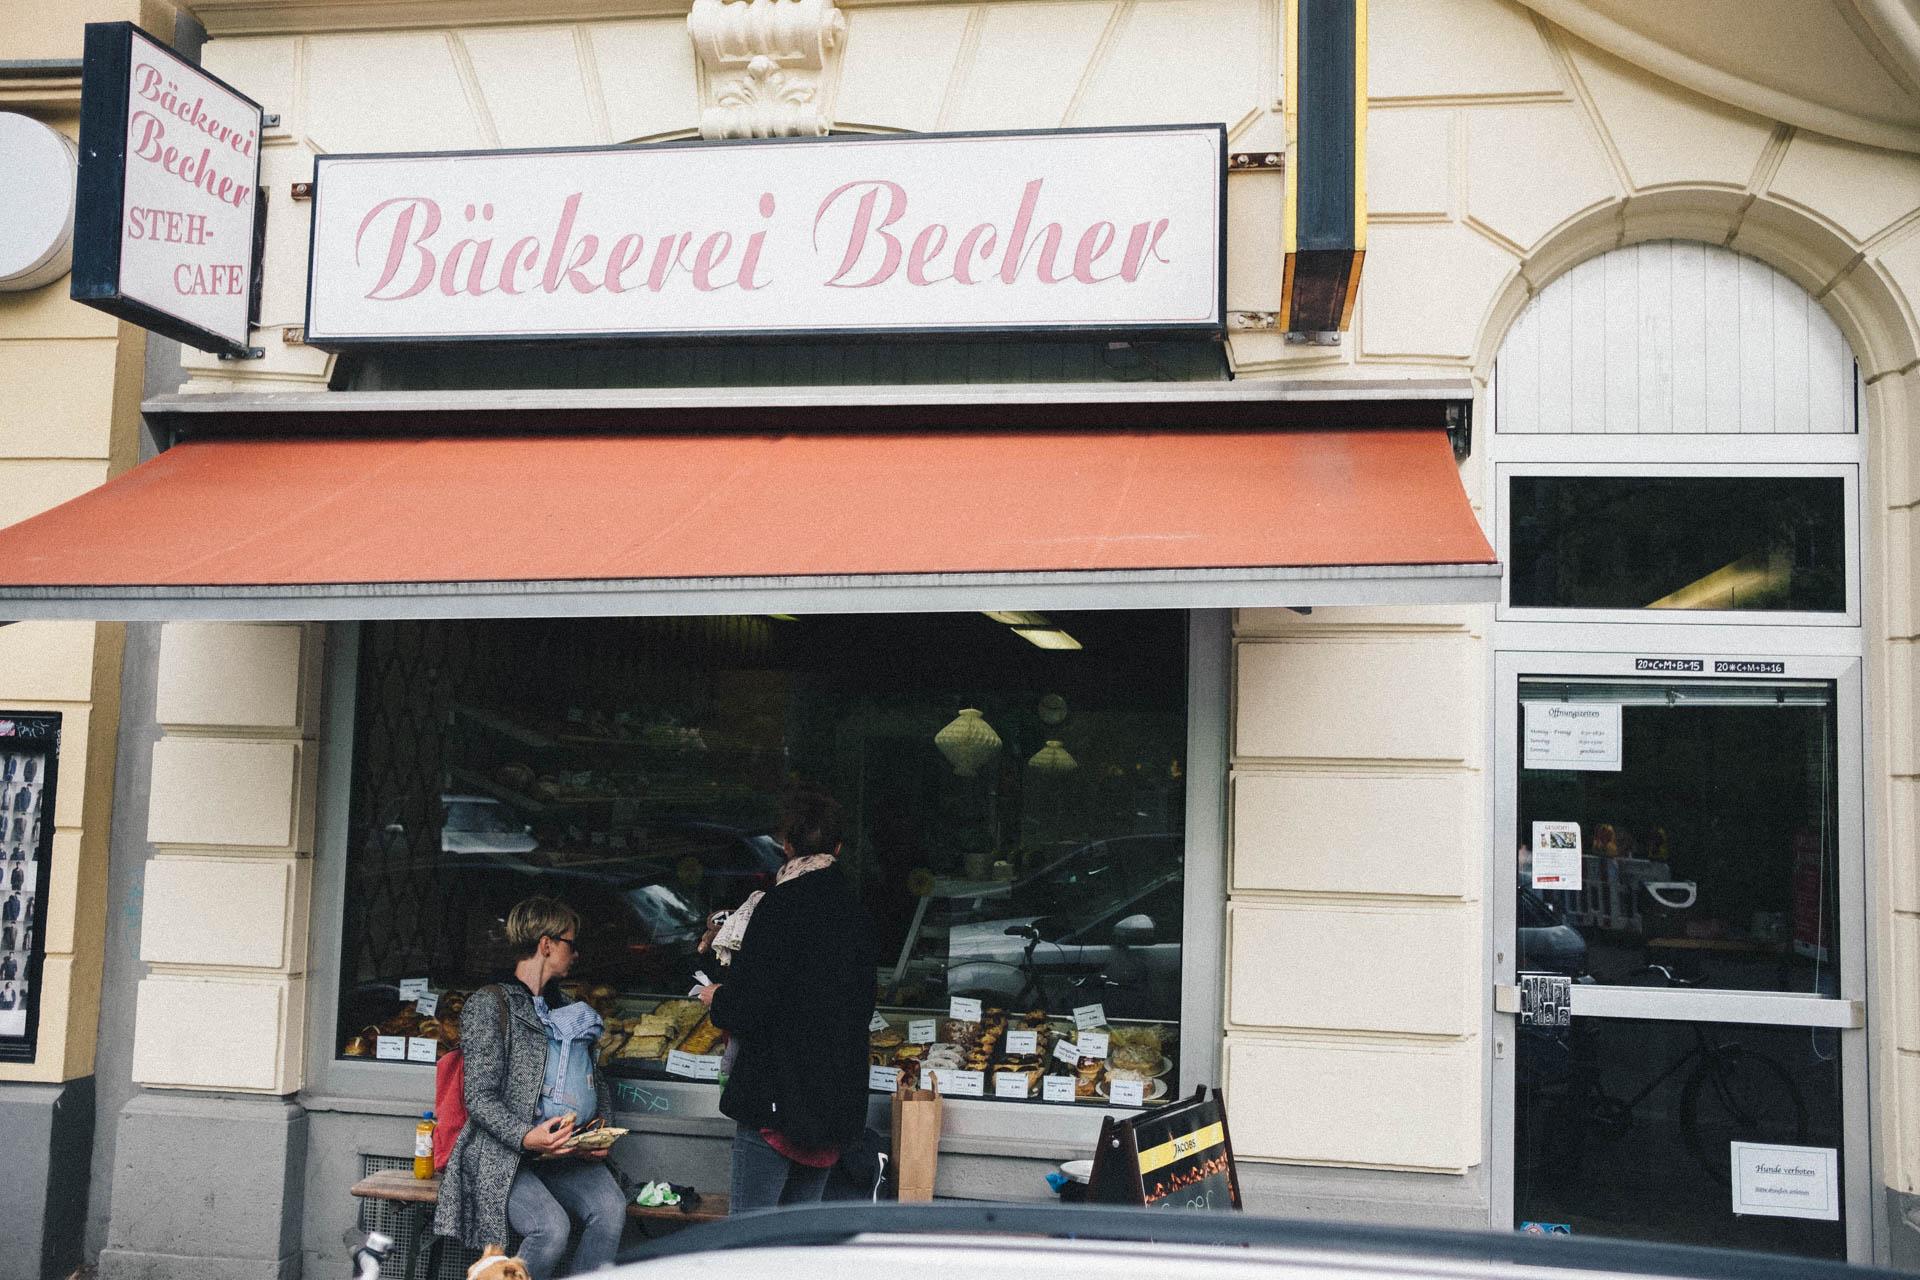 wearecity-baeckerei-guide-koeln-atheneadiapoulis-2017-20.jpg